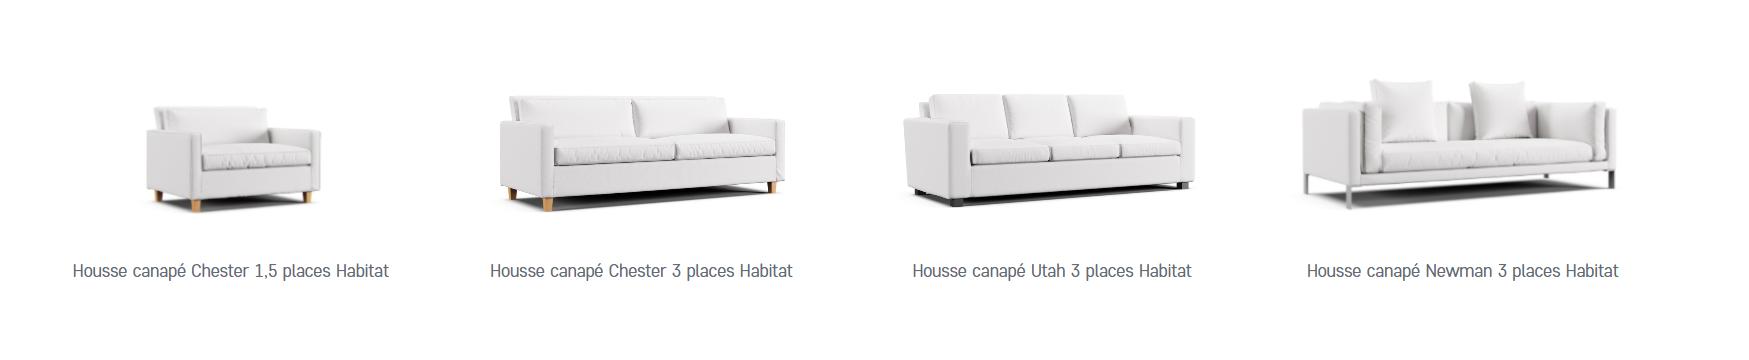 Rénover votre canapé Habitat avec une housse de remplacement de chez Comfort Works